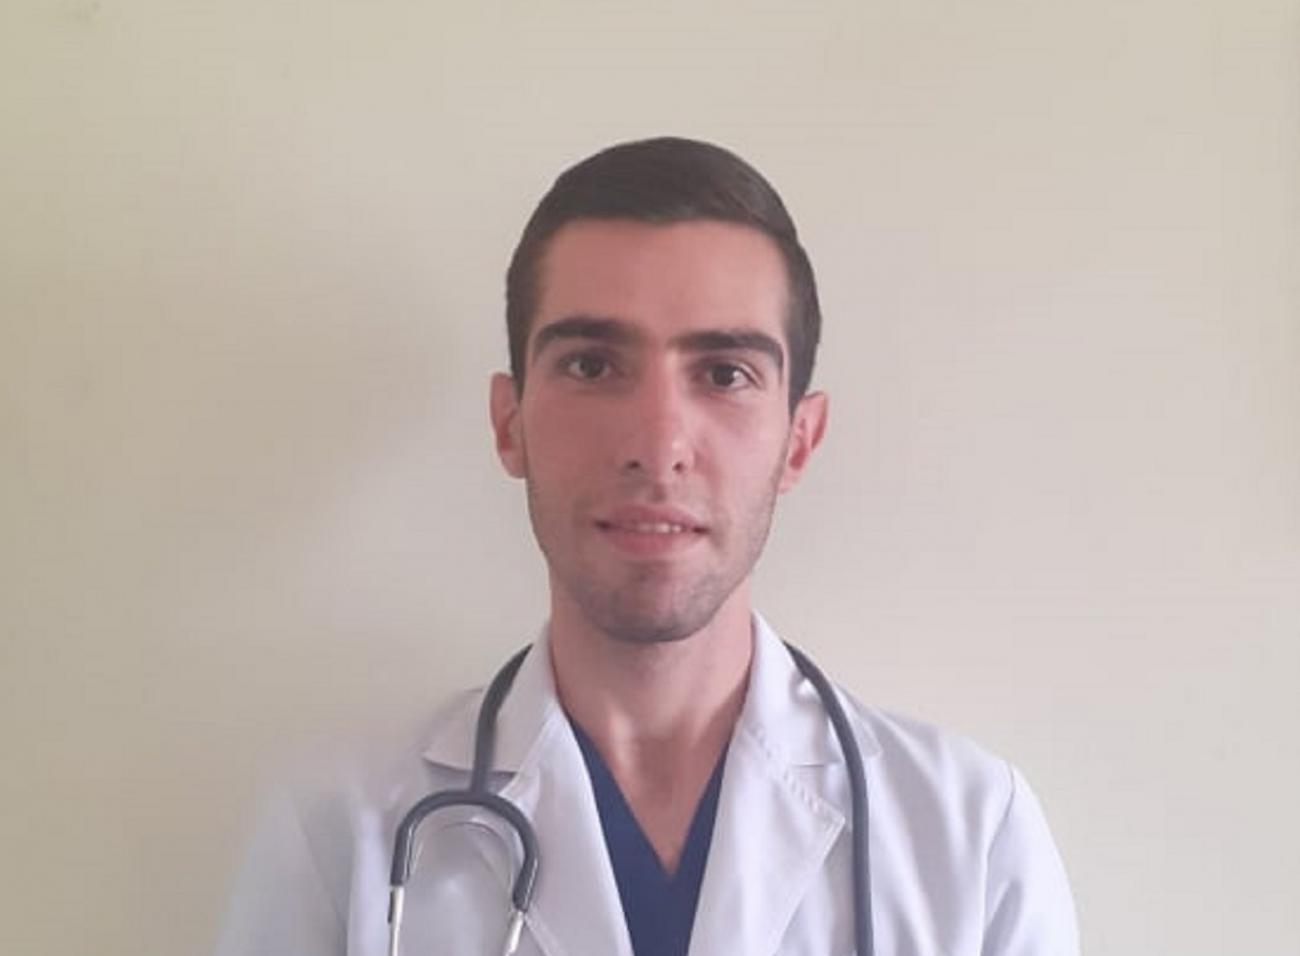 Բժշկի մասնագիտությունը՝ մարդասիրական առաքելություն